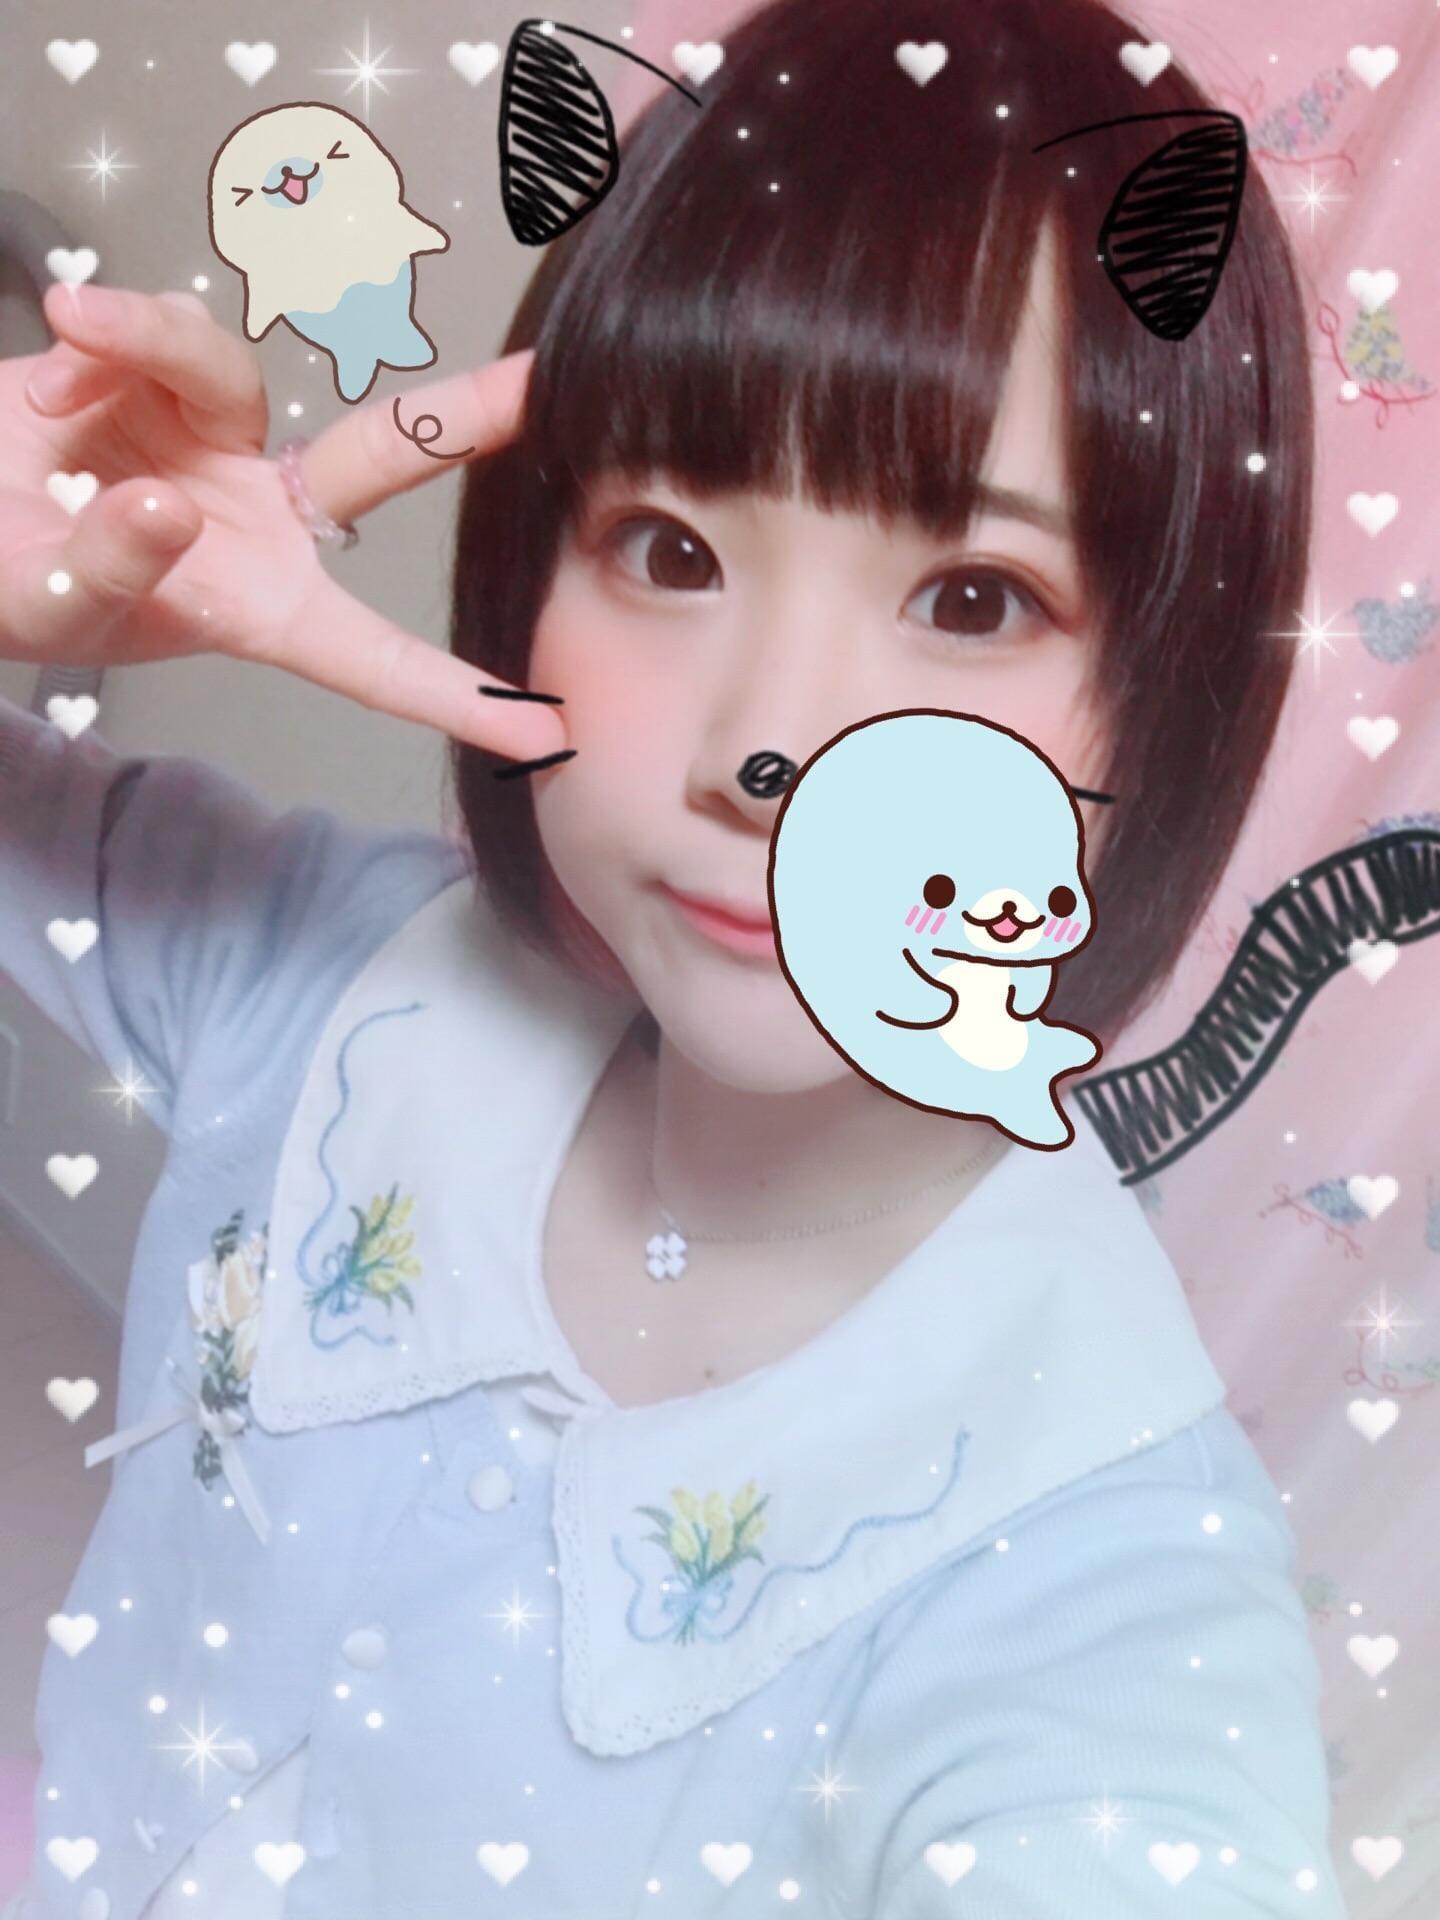 「わーい」08/12(日) 21:04   みわの写メ・風俗動画